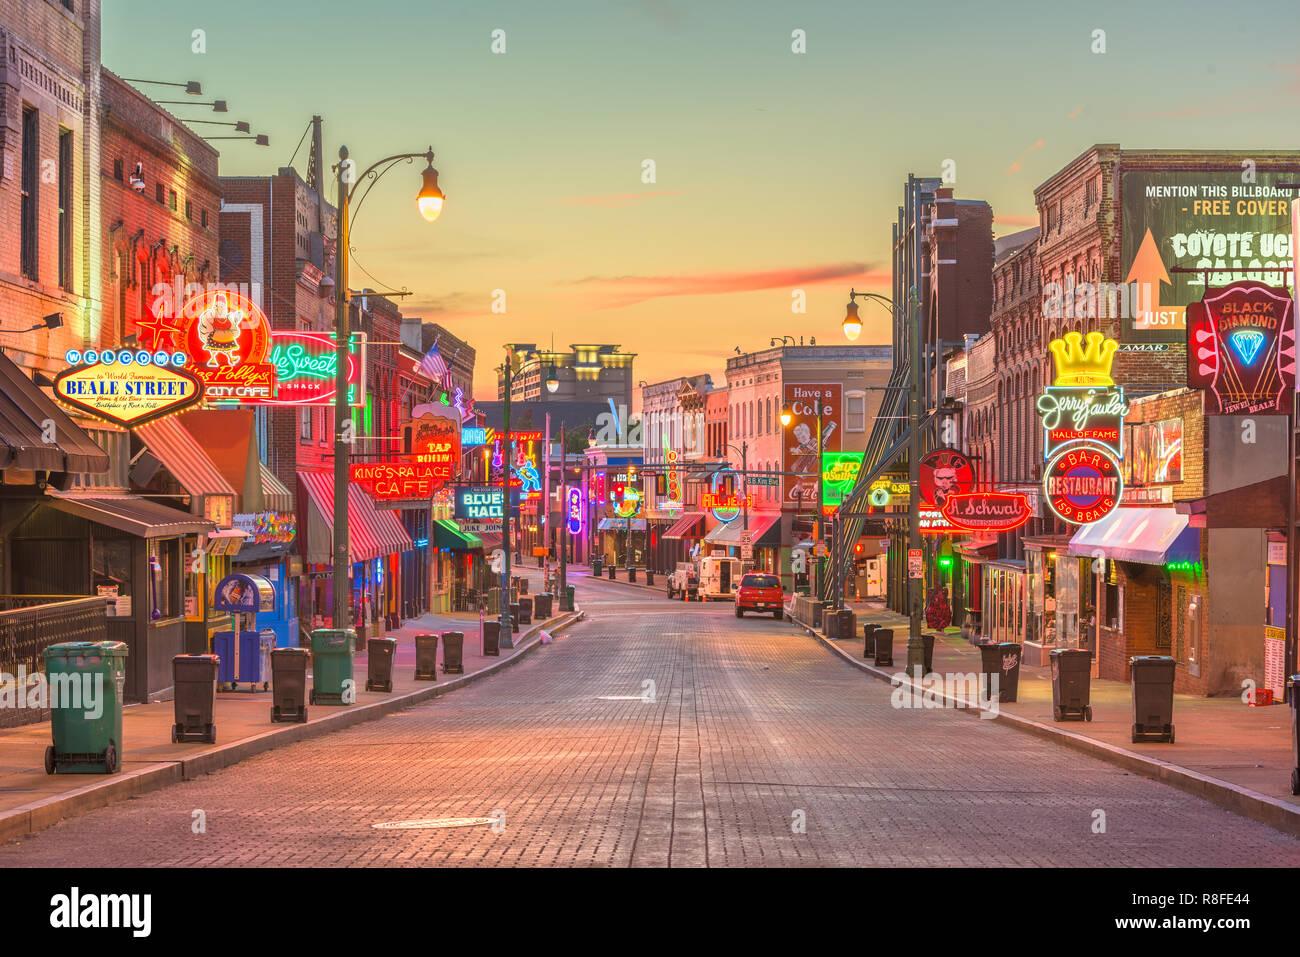 MEMPHIS, Tennessee - 25 août 2017: blues clubs sur les lieux historiques de Beale Street, au crépuscule Photo Stock